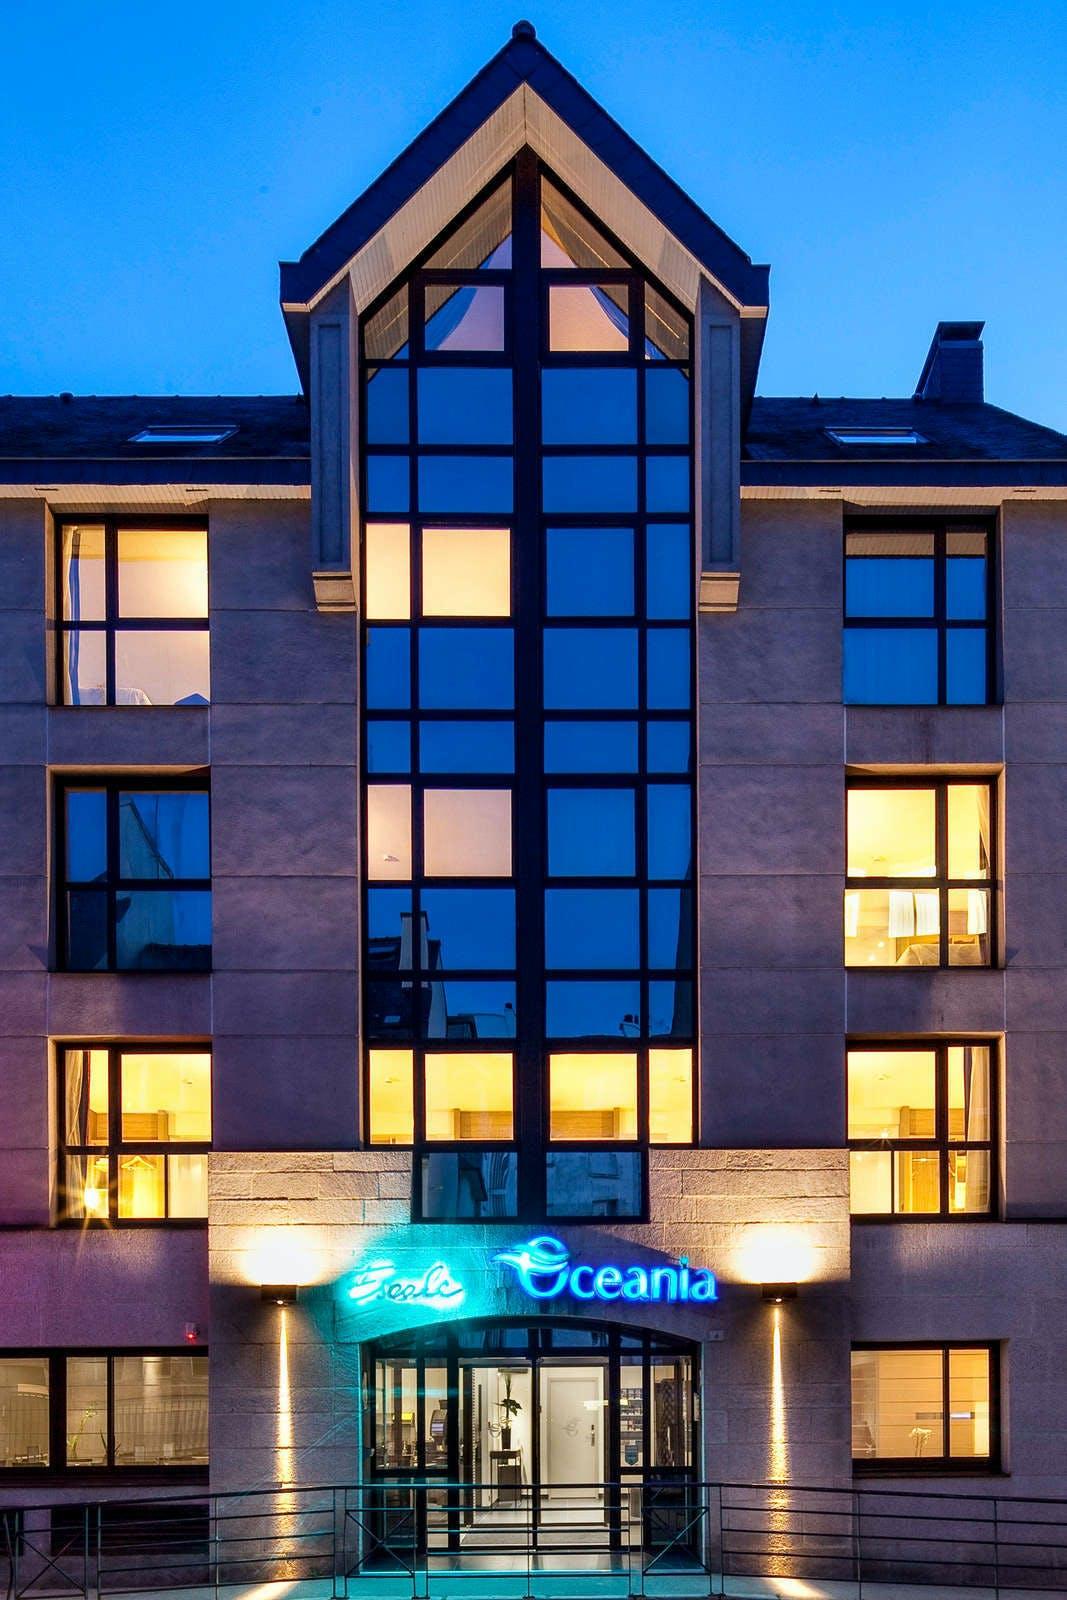 Hôtel Escale Oceania Quimper